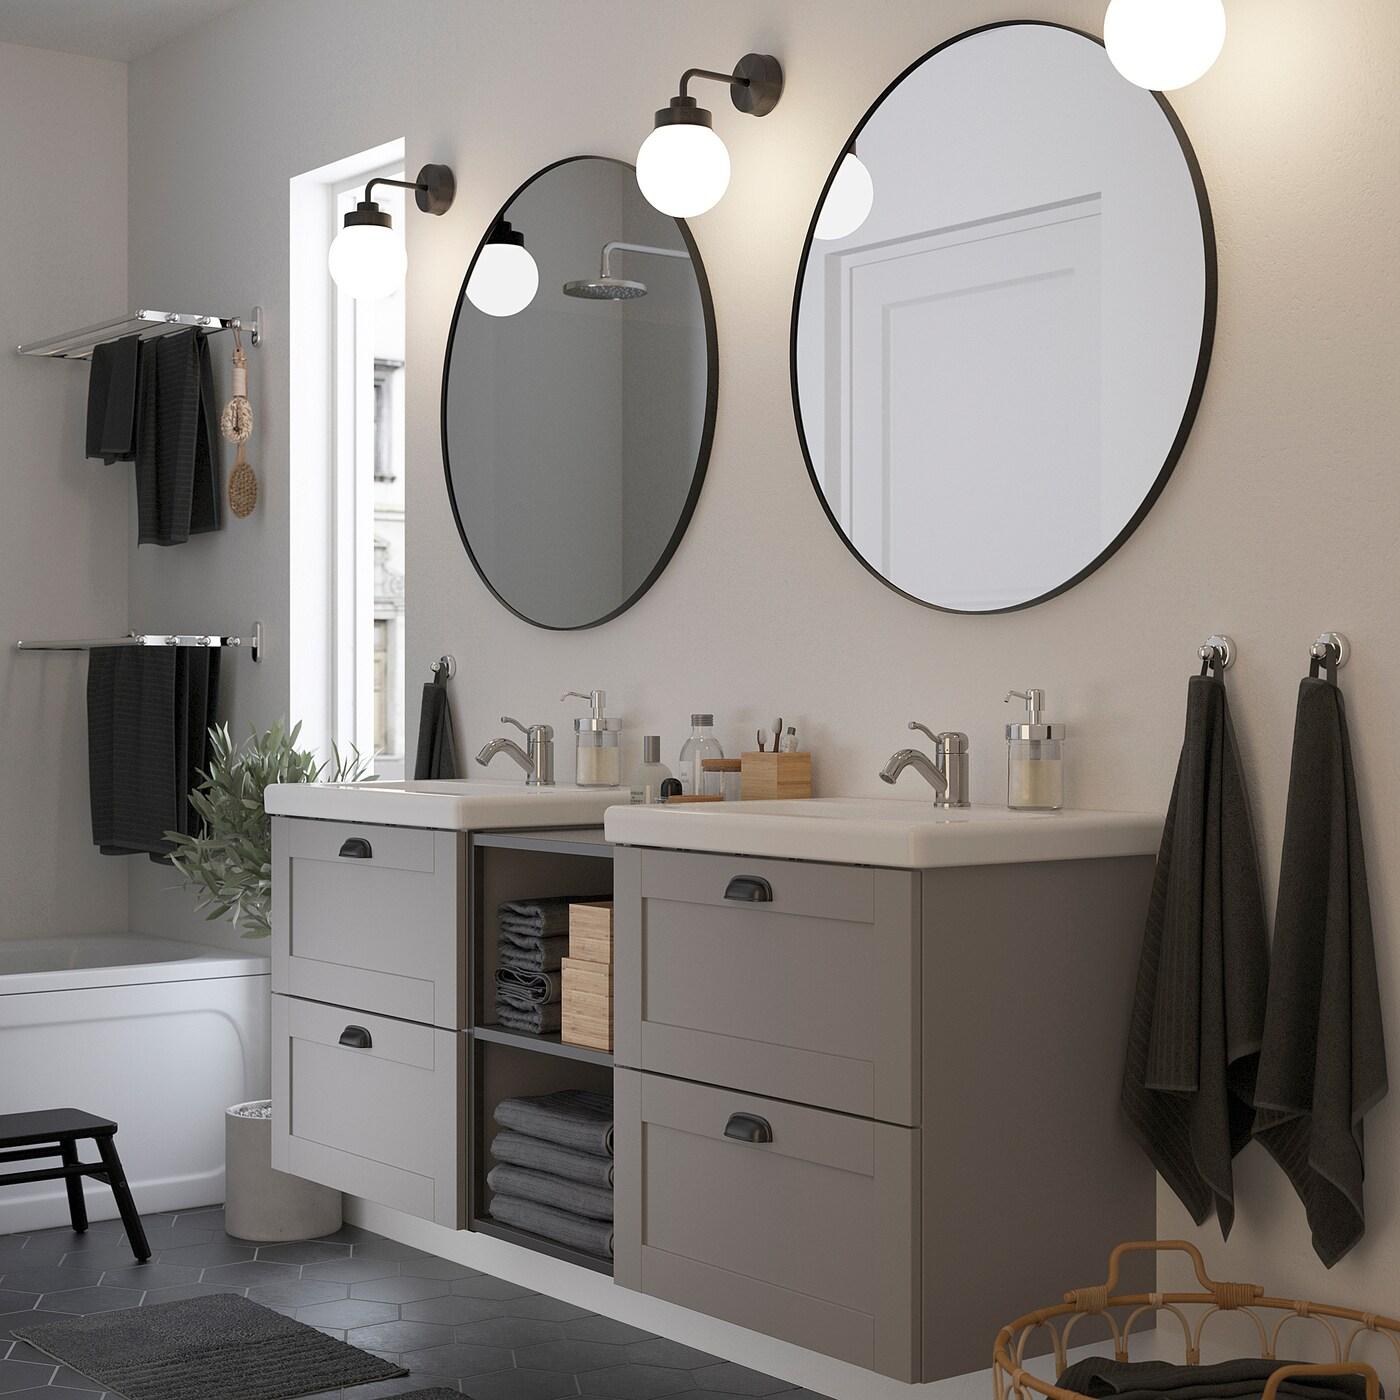 ENHET / TVÄLLEN Baderomsmøbler, 15 deler, grå ramme/antrasitt Lillsvan blandebatteri, 164x43x65 cm